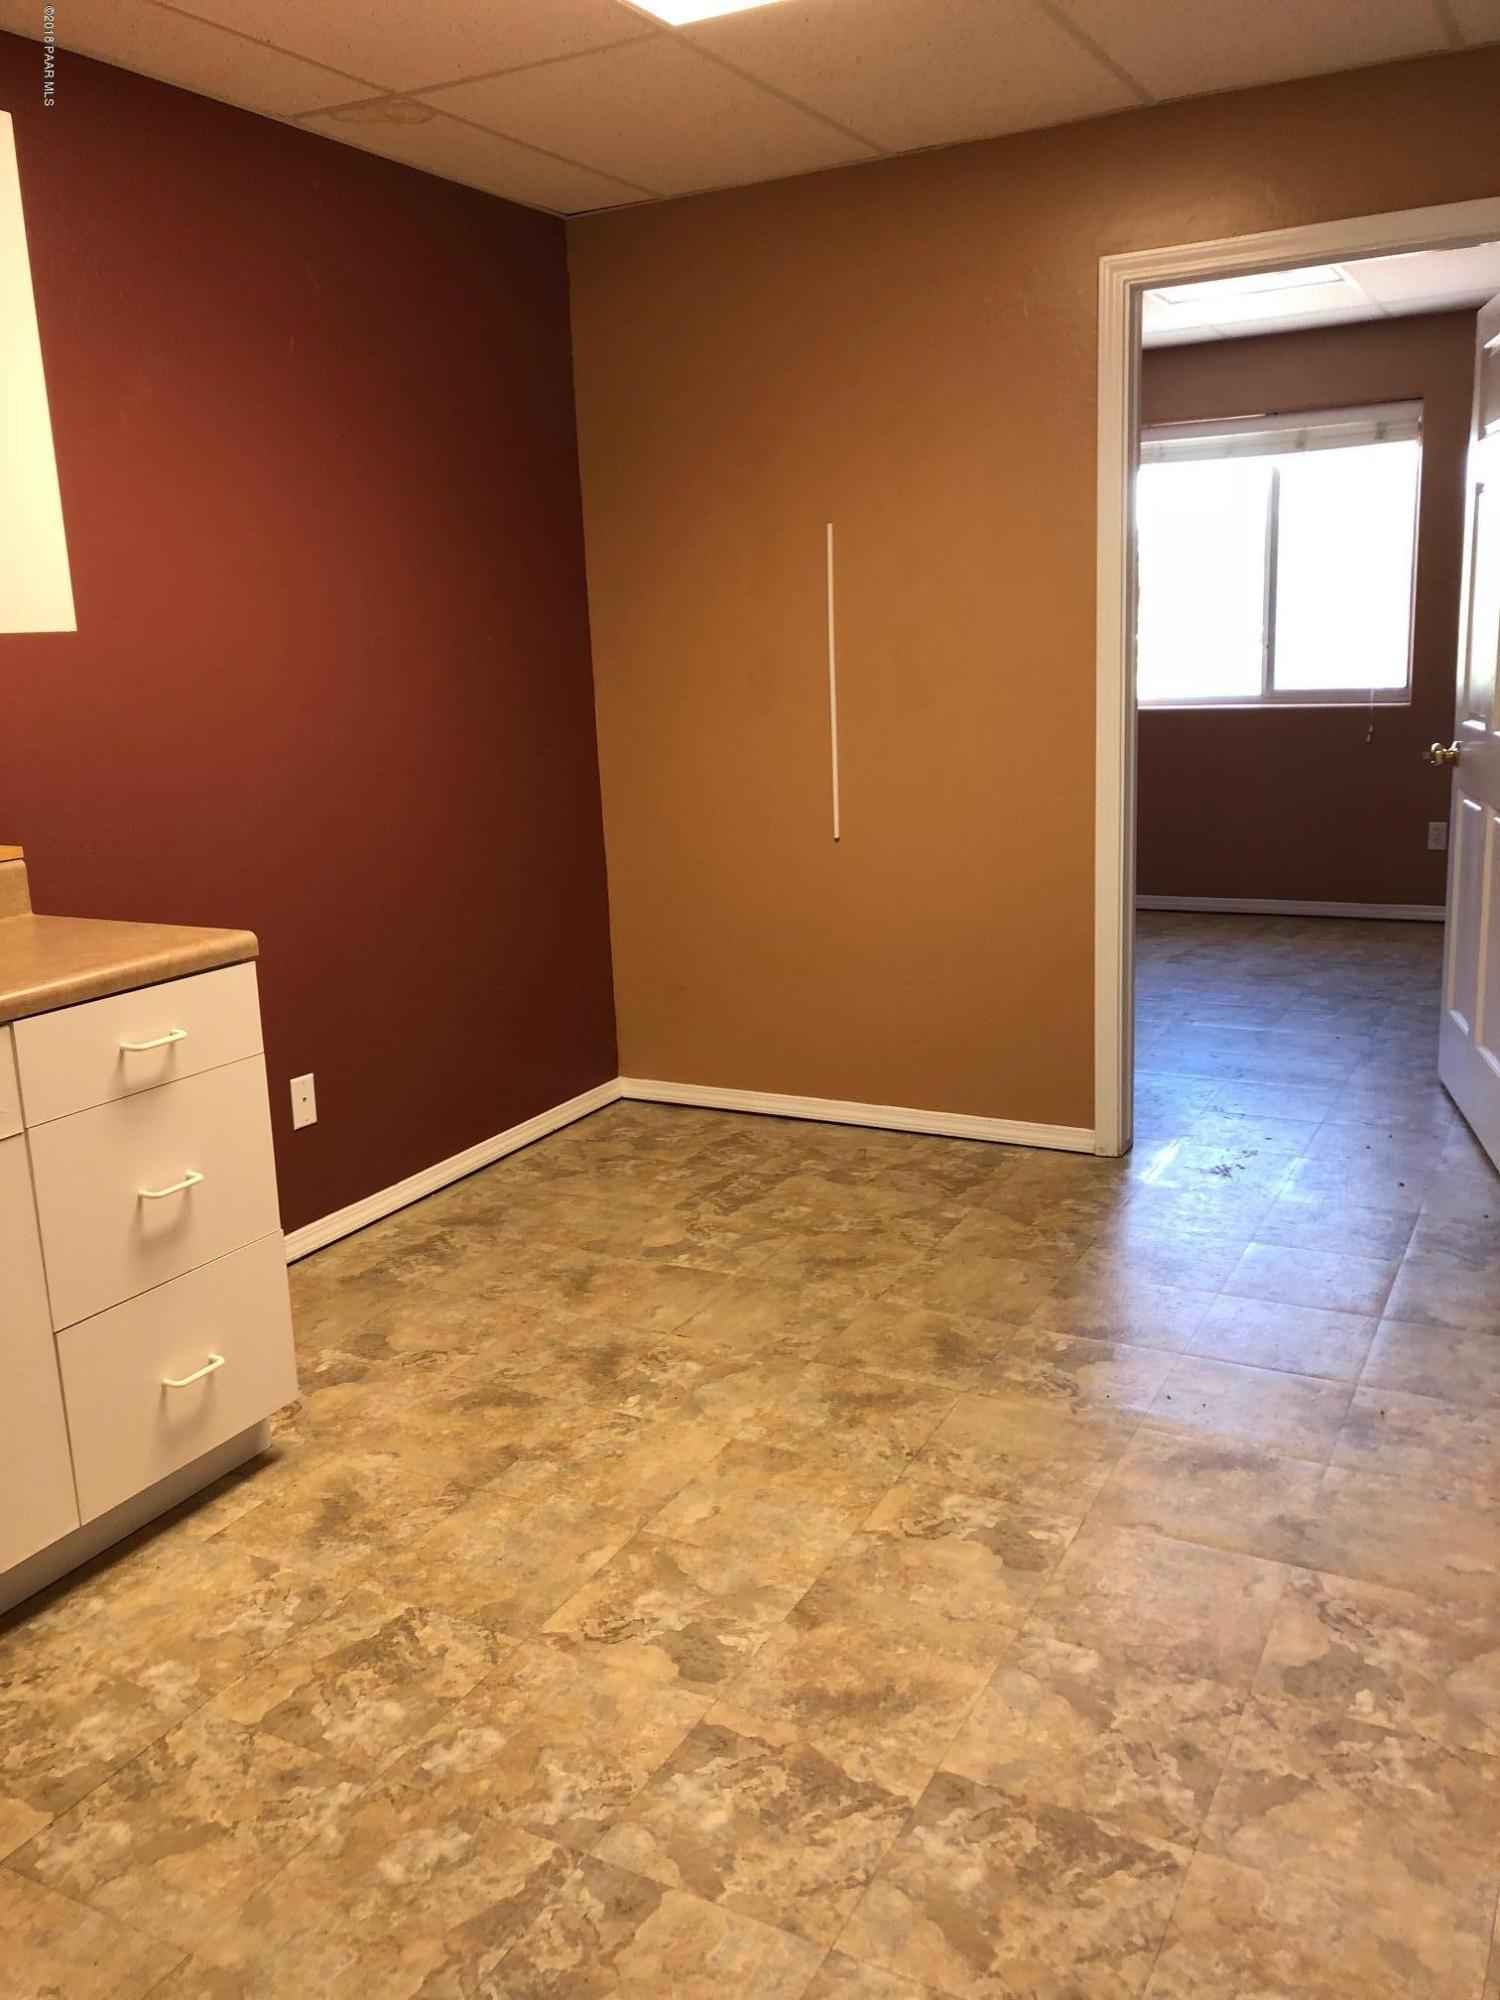 141 W Navajo Suite C Drive Prescott, AZ 86301 - MLS #: 1014384